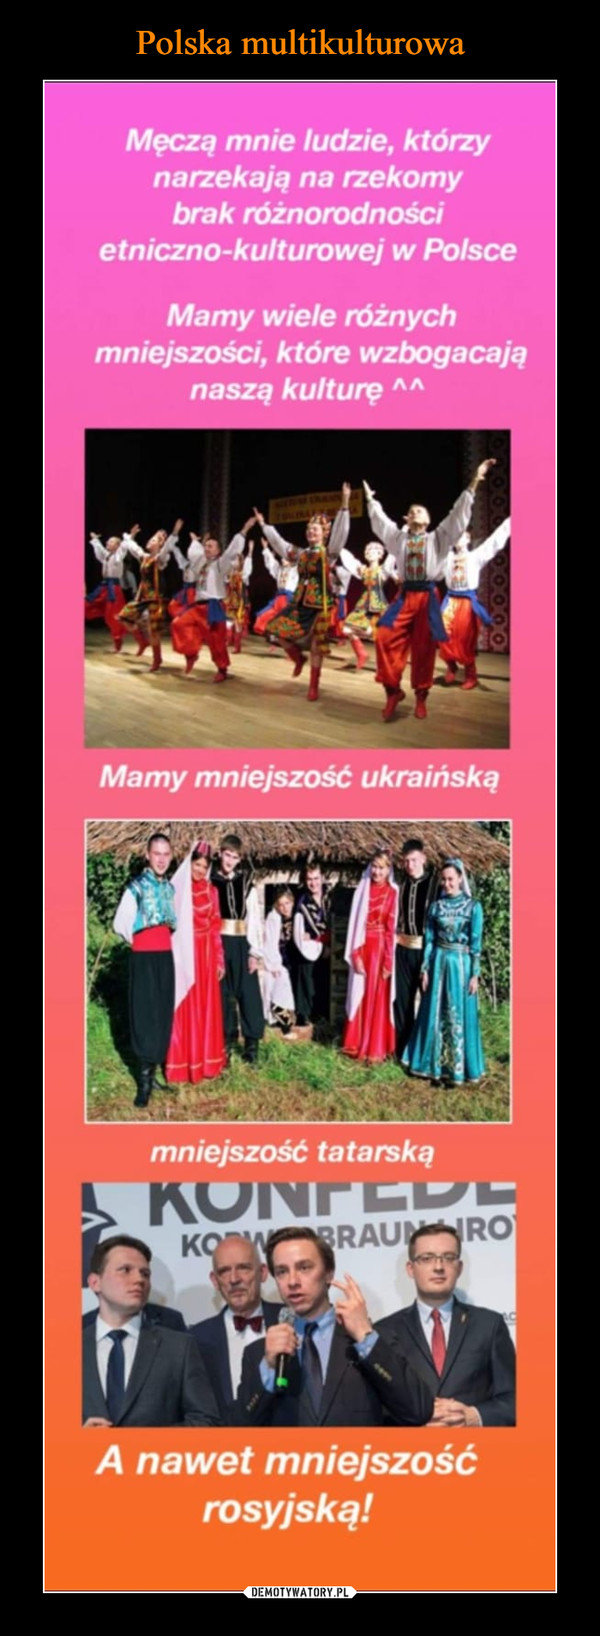 –  Męczą mnie ludzie, którzynarzekają na rzekomybrak różnorodnościetniczno-kulturowej w PolsceMamy wiele różnychmniejszości, które wzbogacająnaszą kulturę AAMamy mniejszość ukraińskąmniejszość tatarskąA nawet mniejszośćrosyjską!